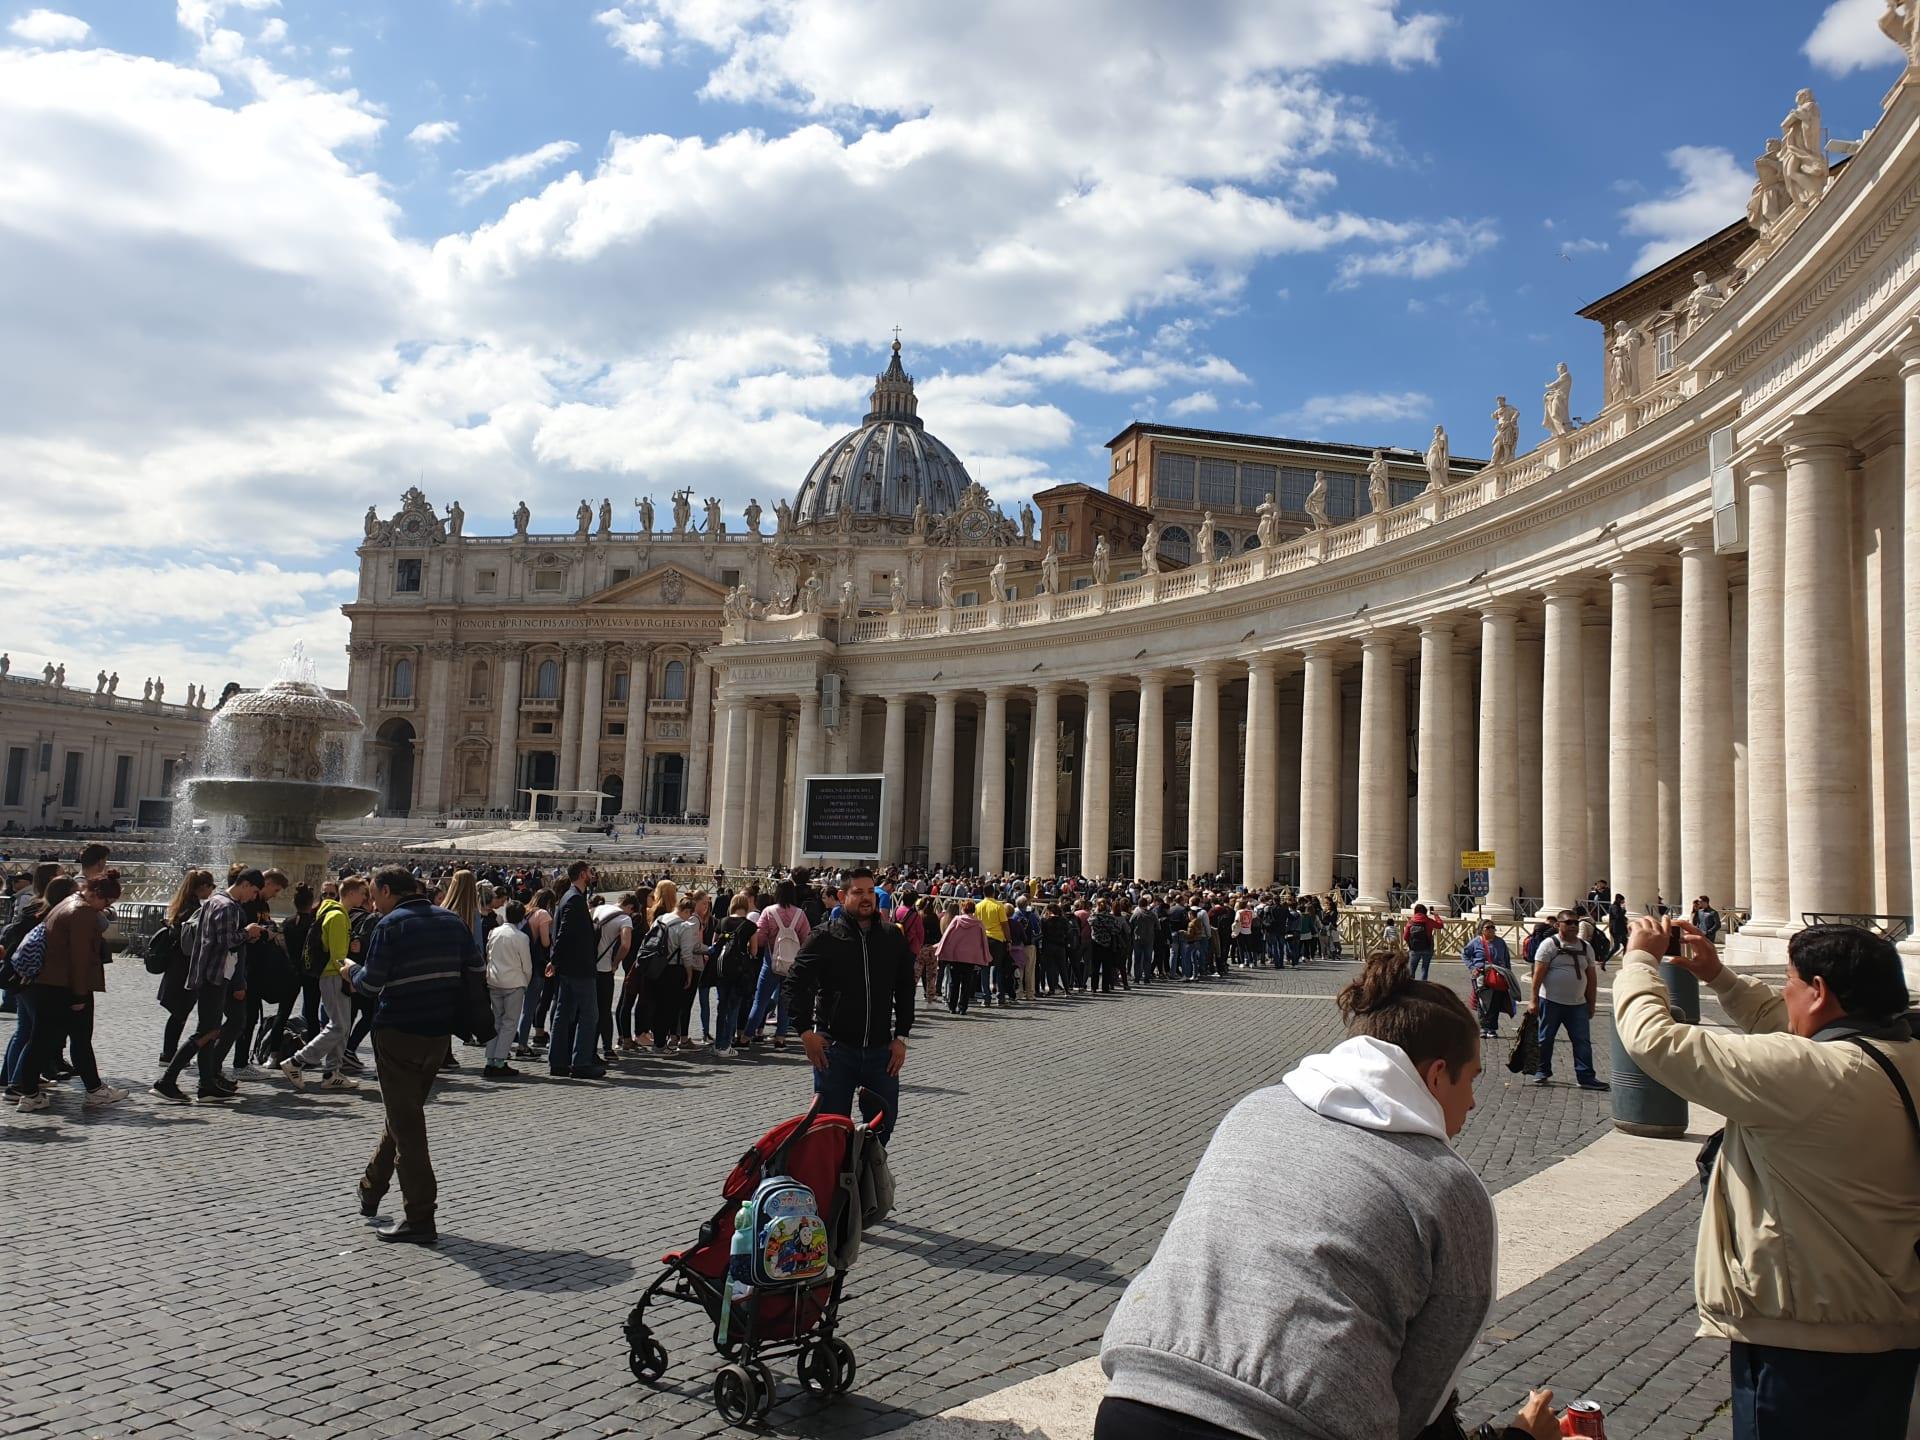 أجمل الأماكن التي يمكنك زيارتها في روما